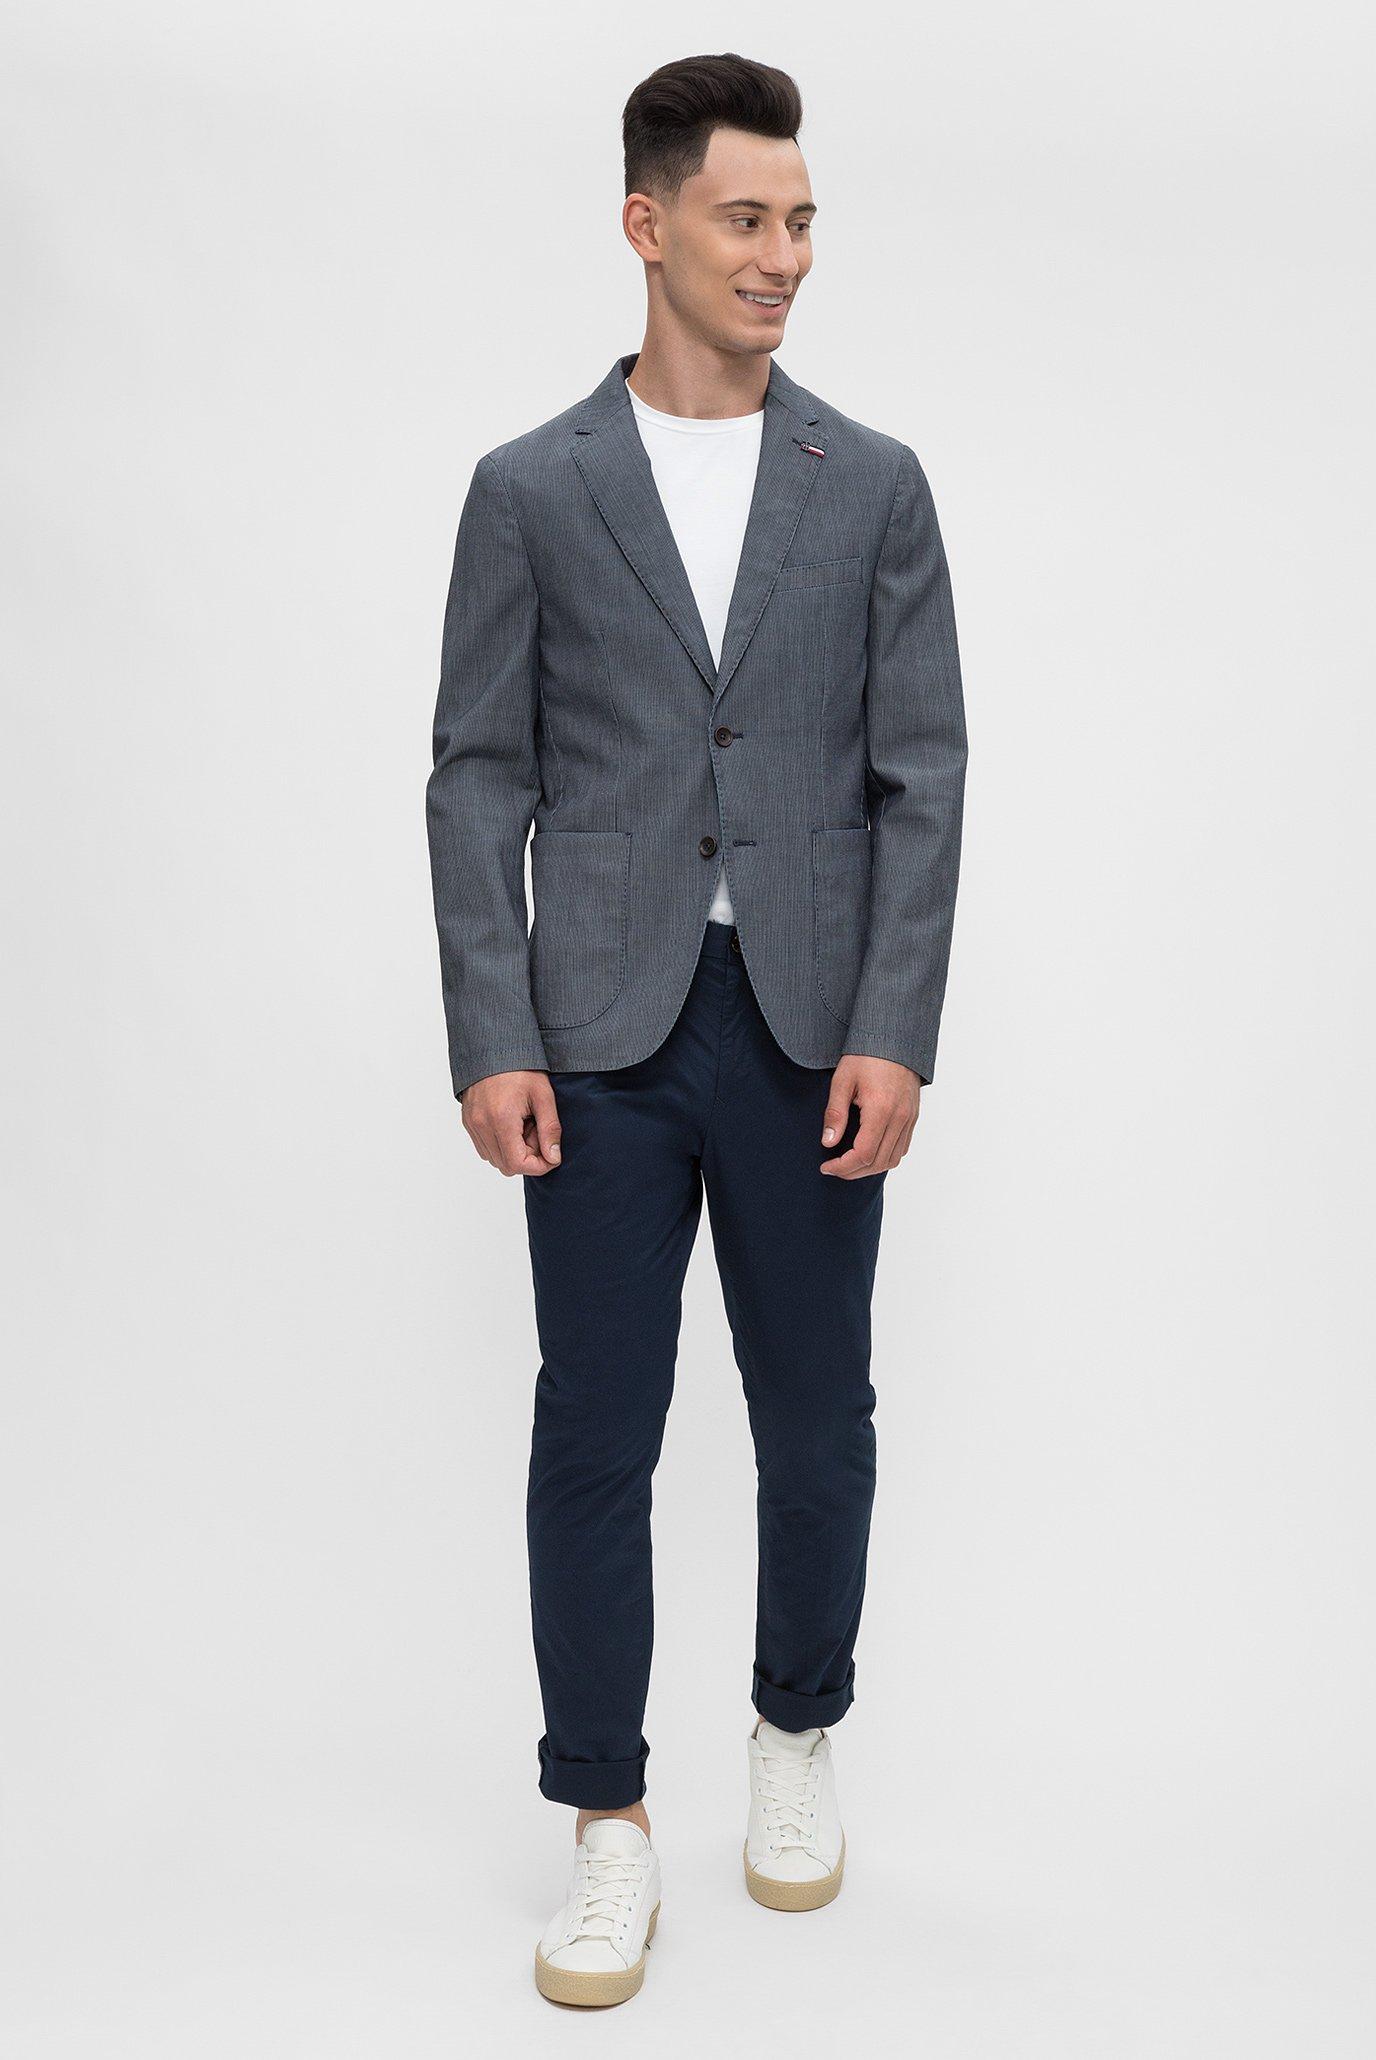 Купить Мужской синий пиджак  Tommy Hilfiger Tommy Hilfiger MW0MW05269 – Киев, Украина. Цены в интернет магазине MD Fashion